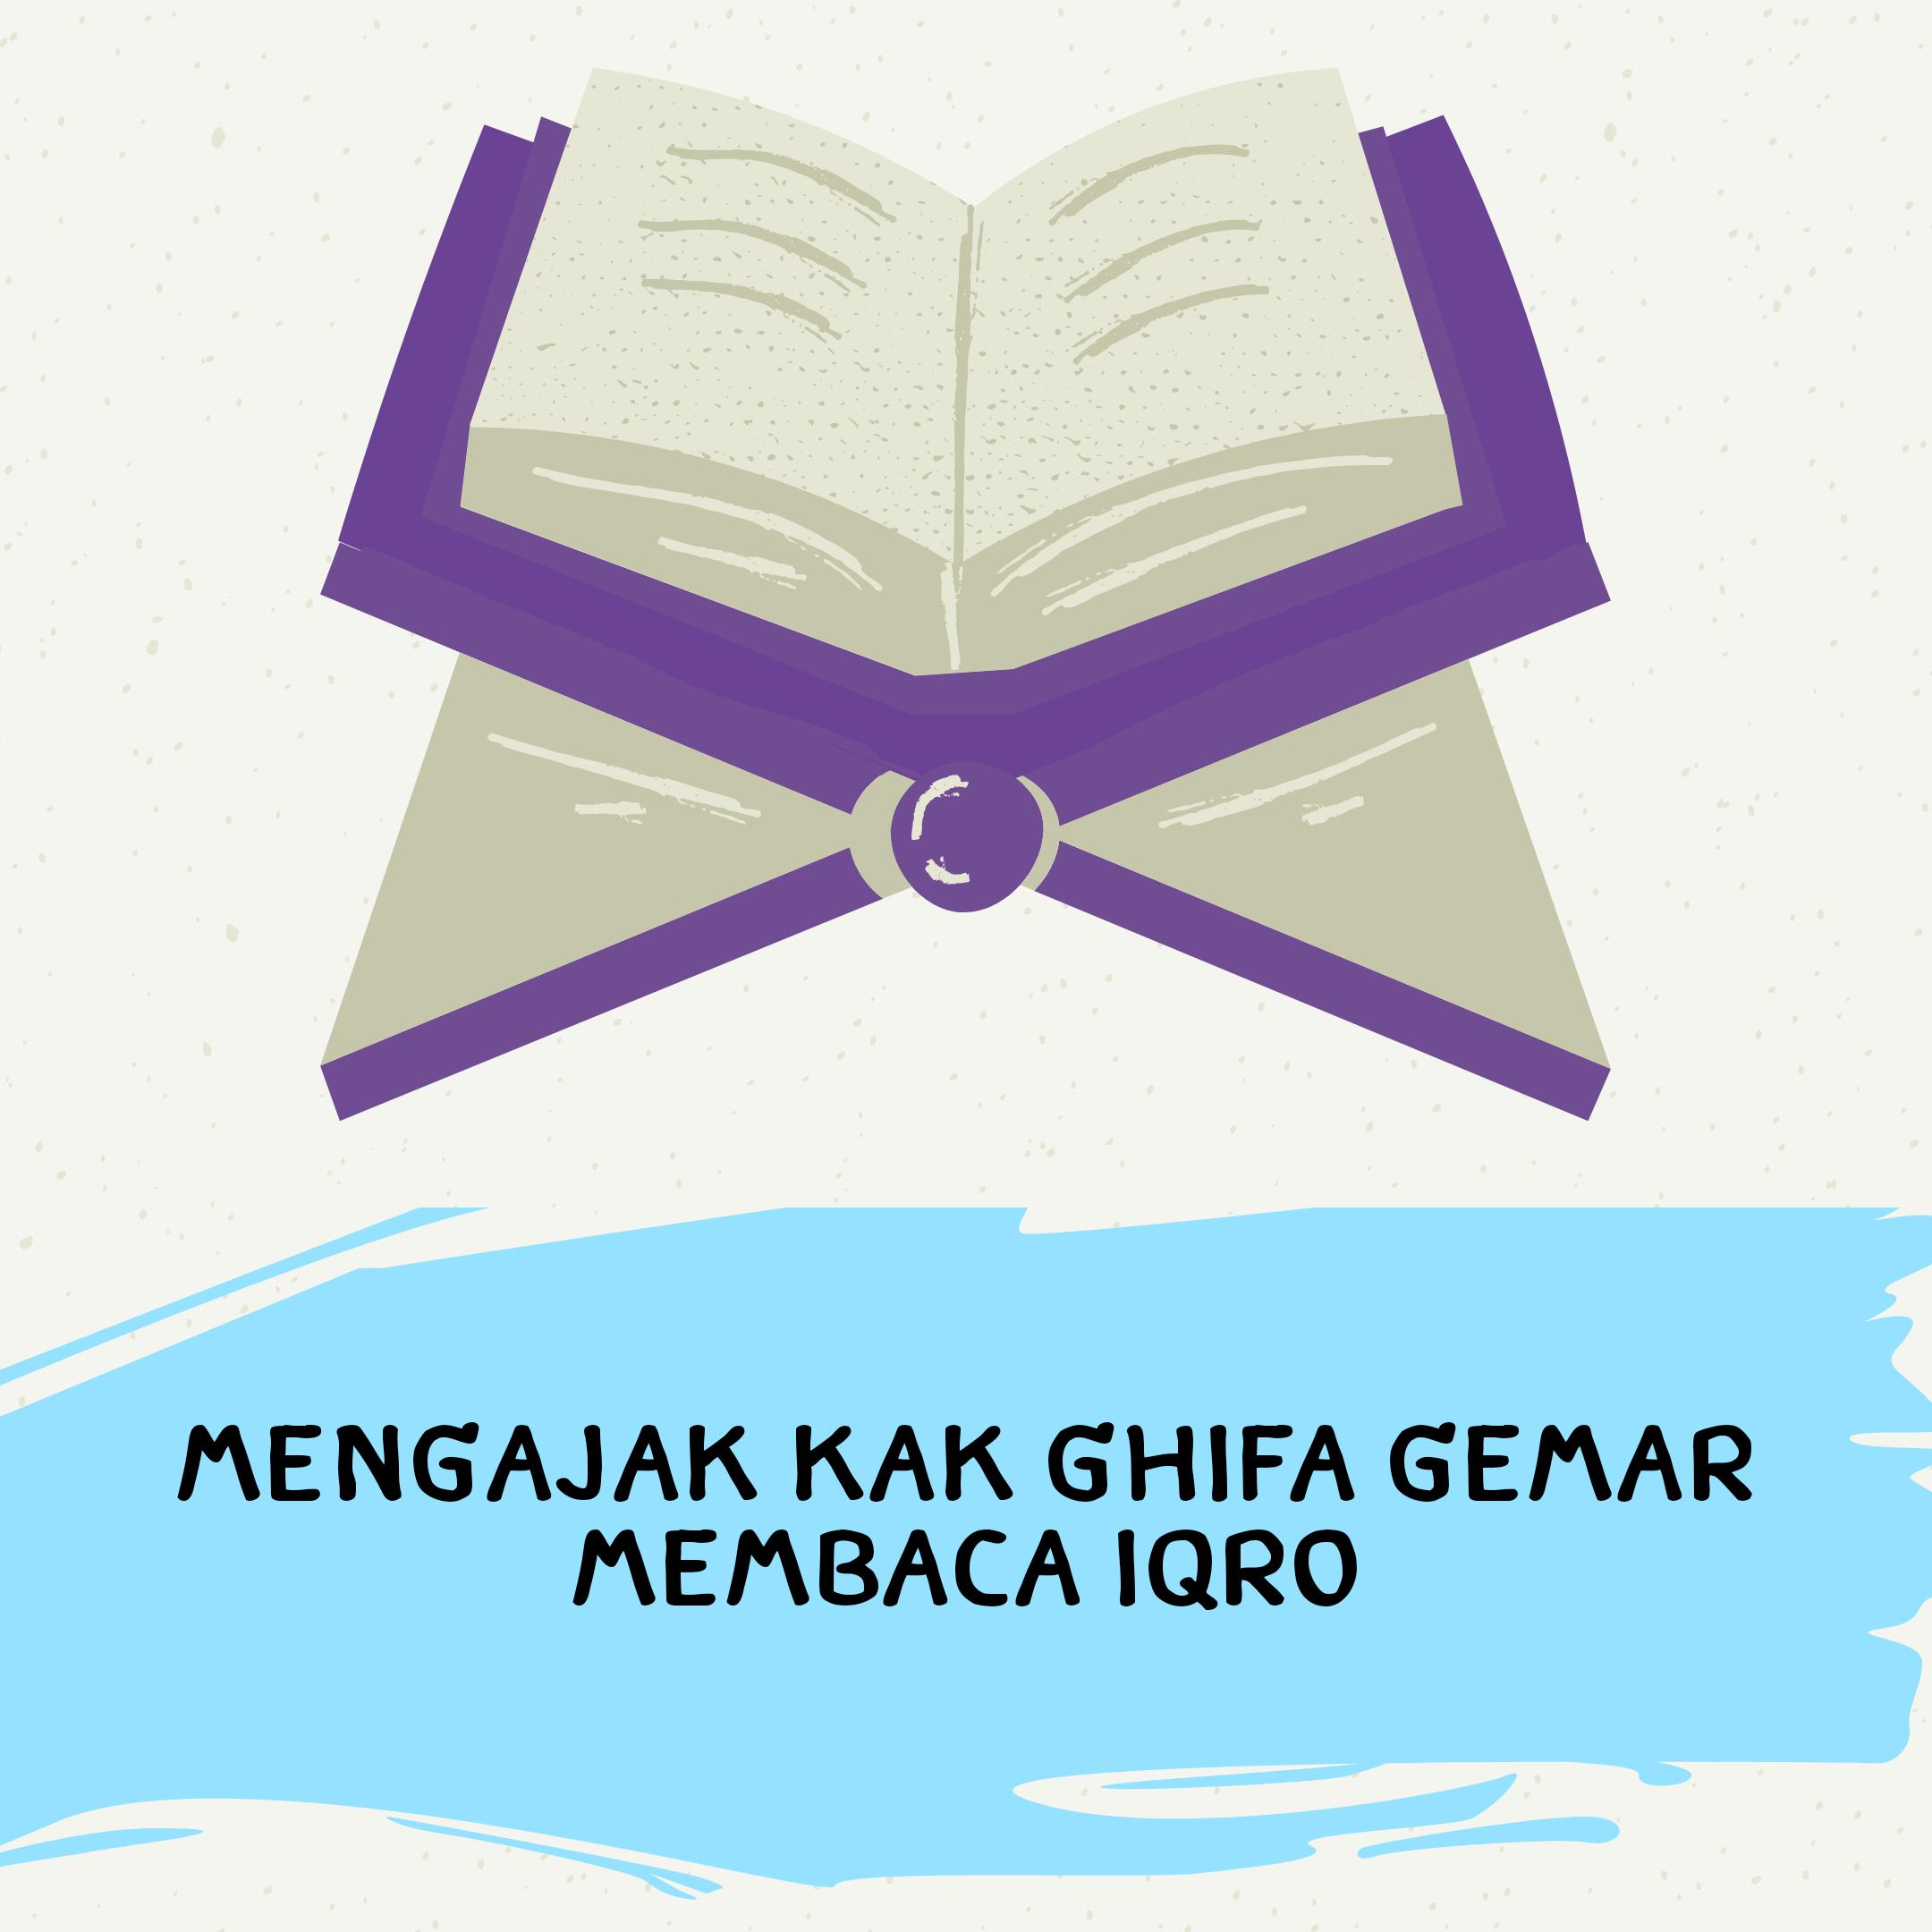 membaca iqro